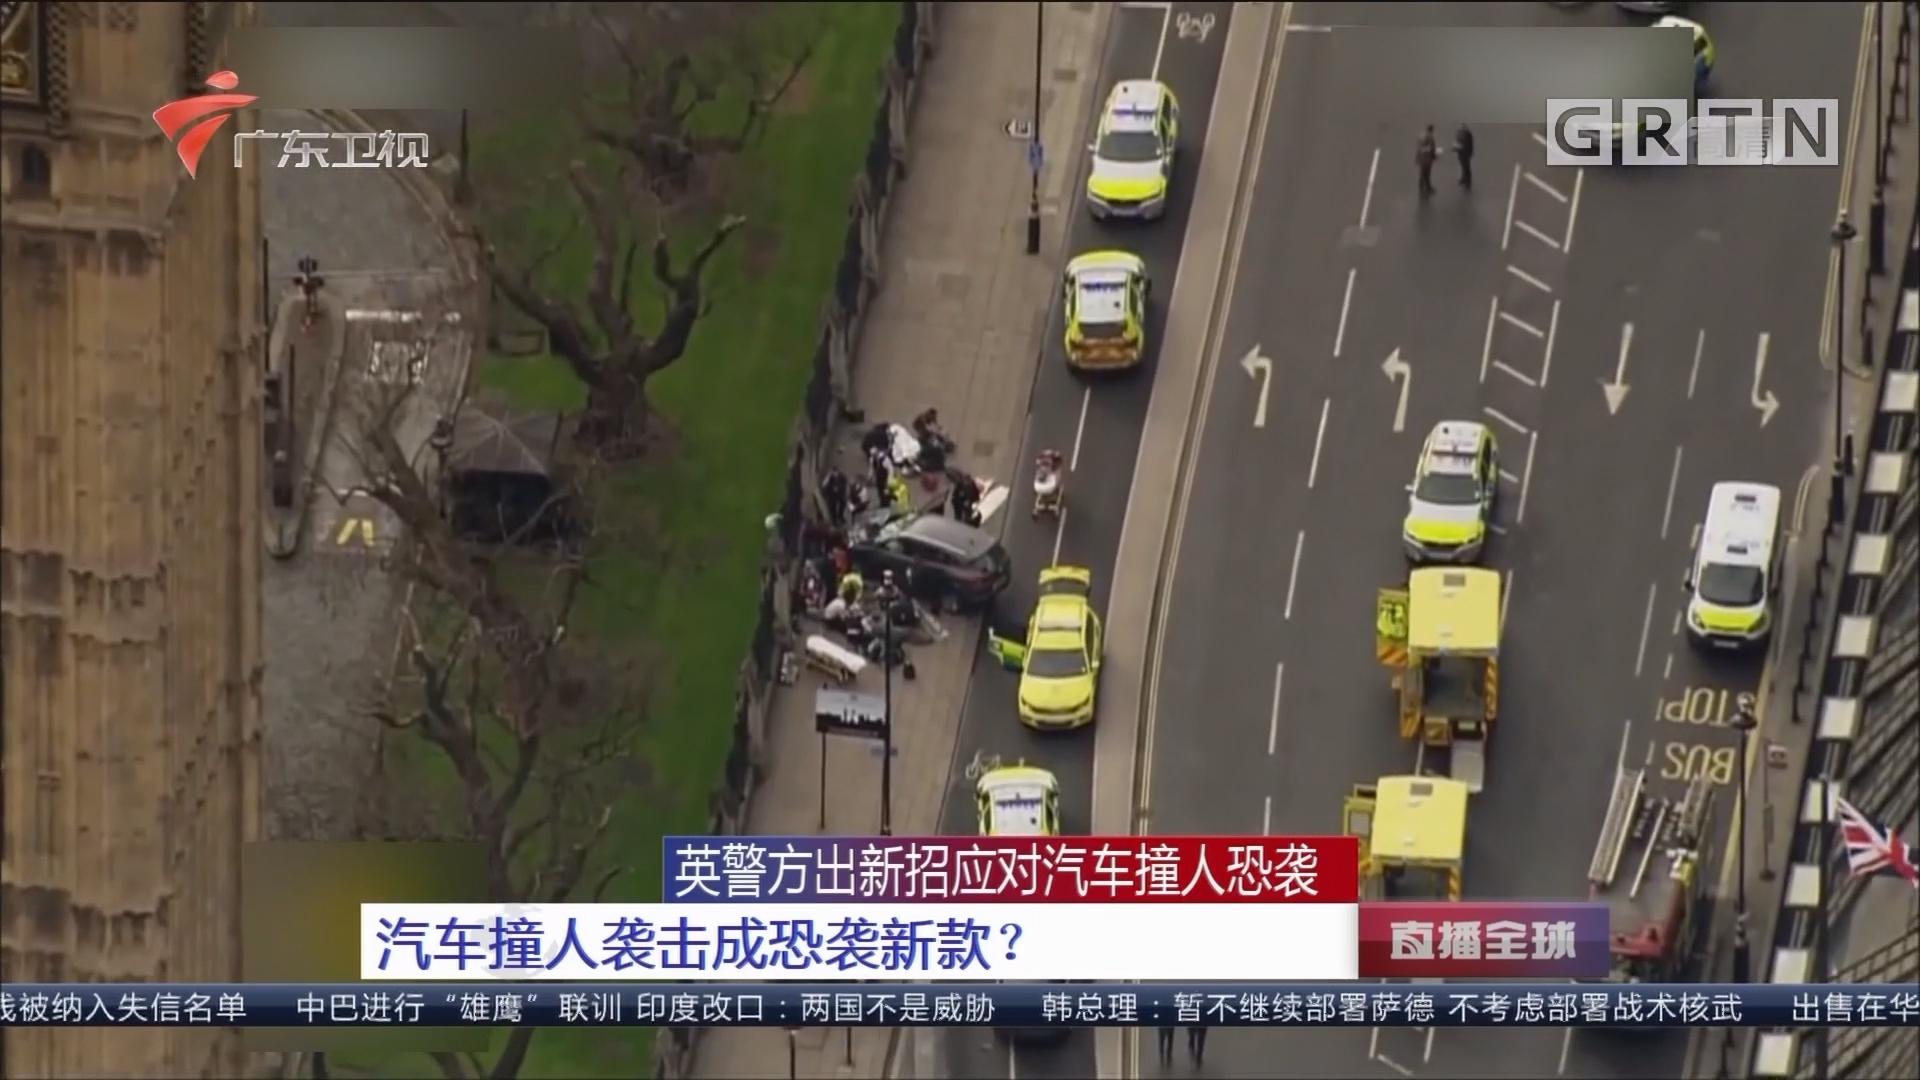 英警方出新招应对汽车撞人恐袭 汽车撞人袭击成恐袭新款?